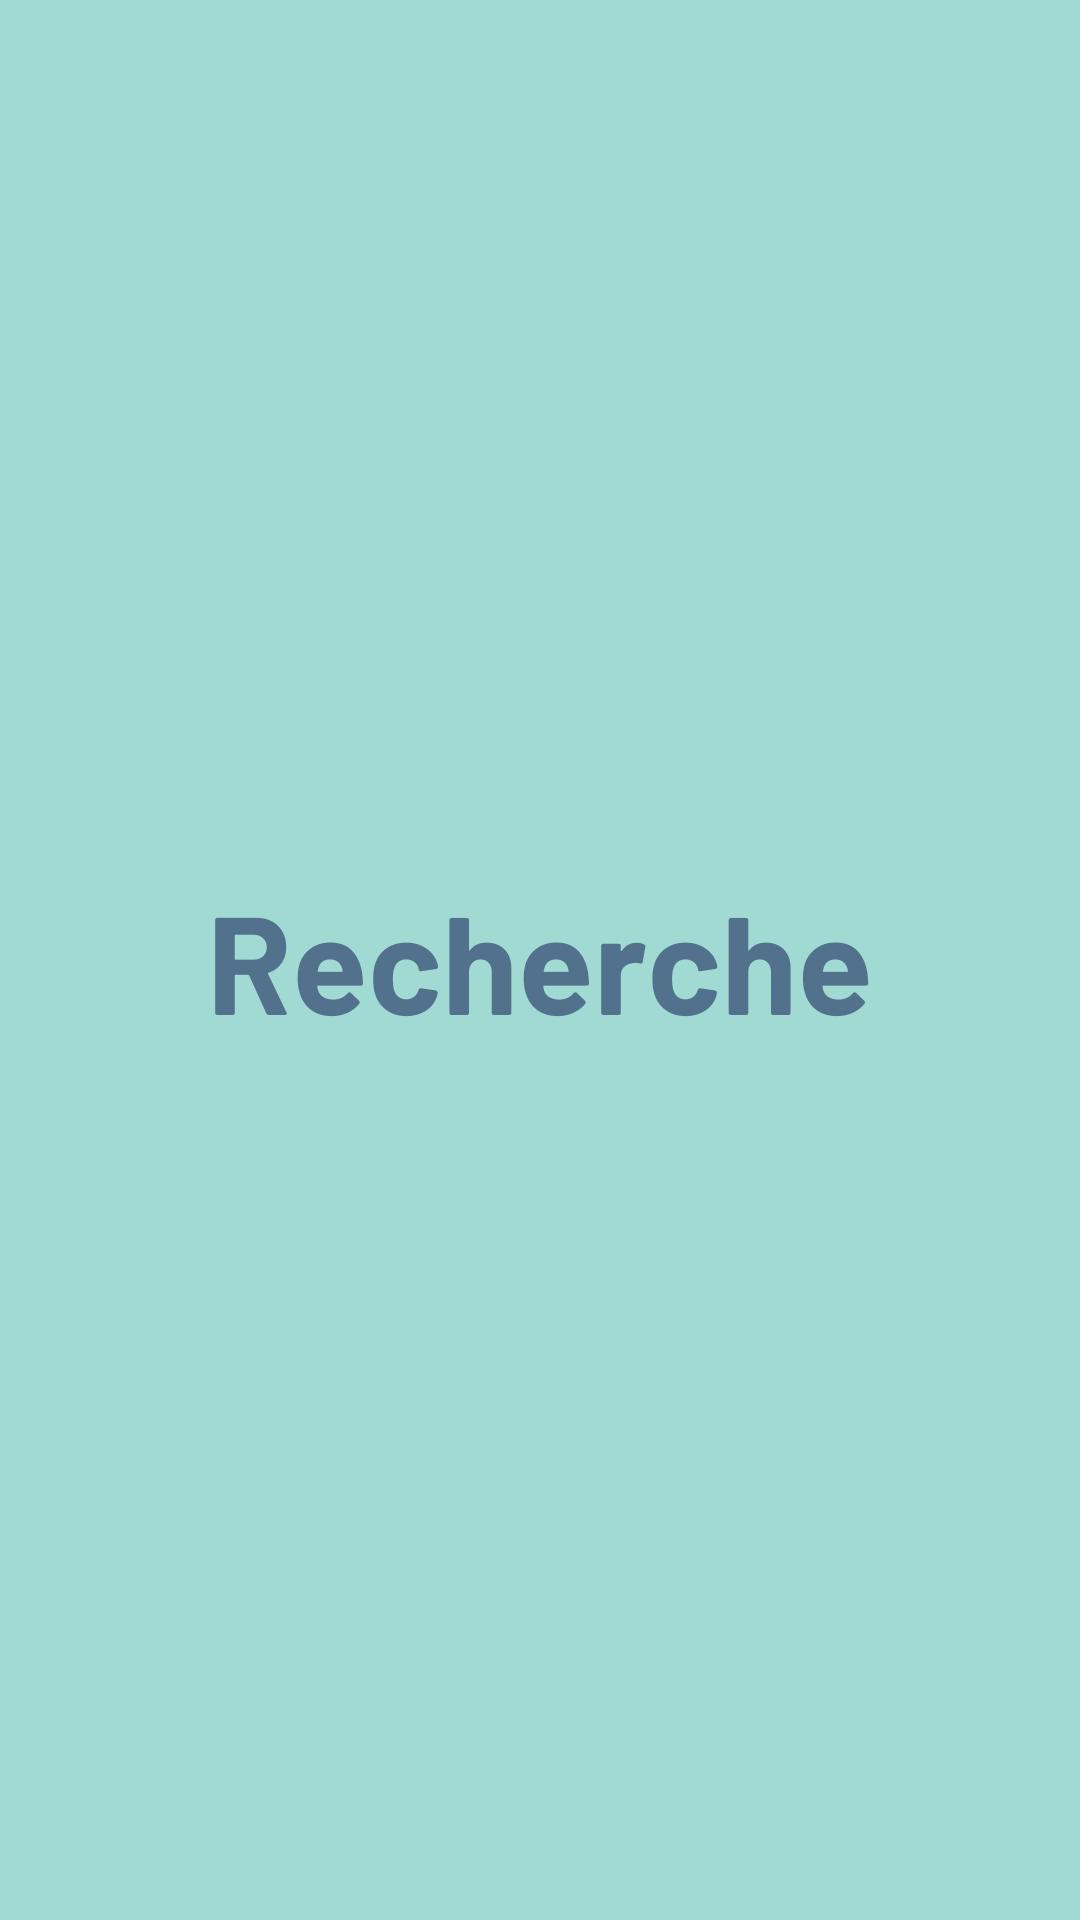 Recherche Text